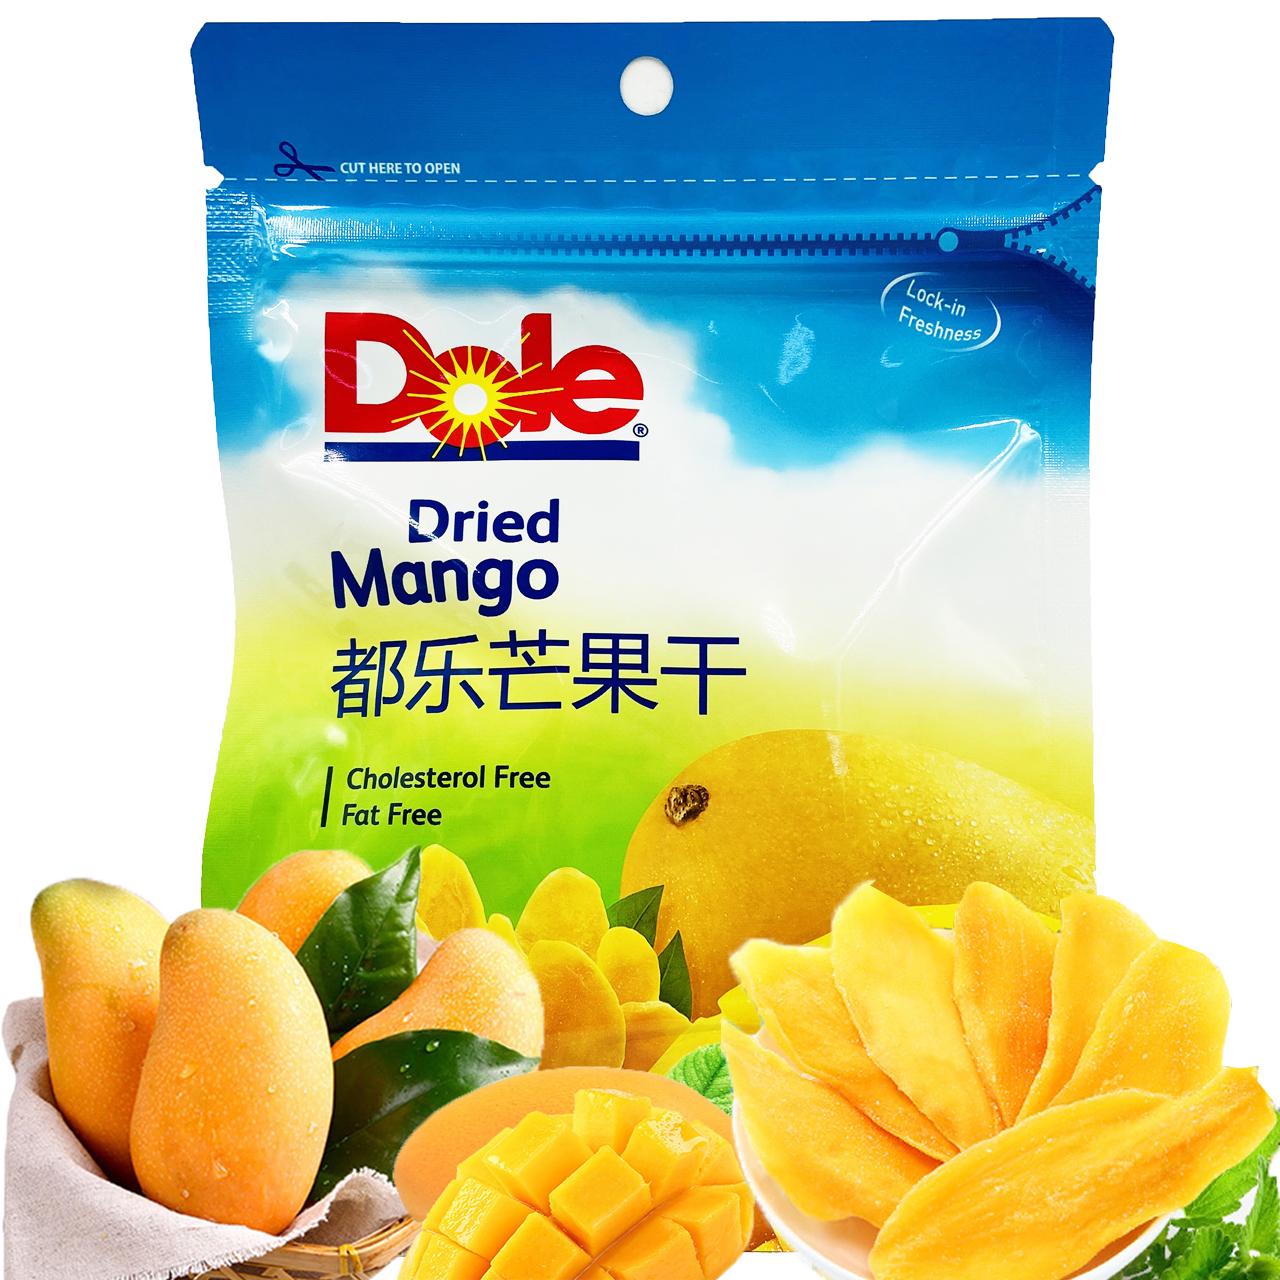 菲律宾进口都乐芒果干60g果脯蜜饯水果干网红休闲零食临期特卖图片